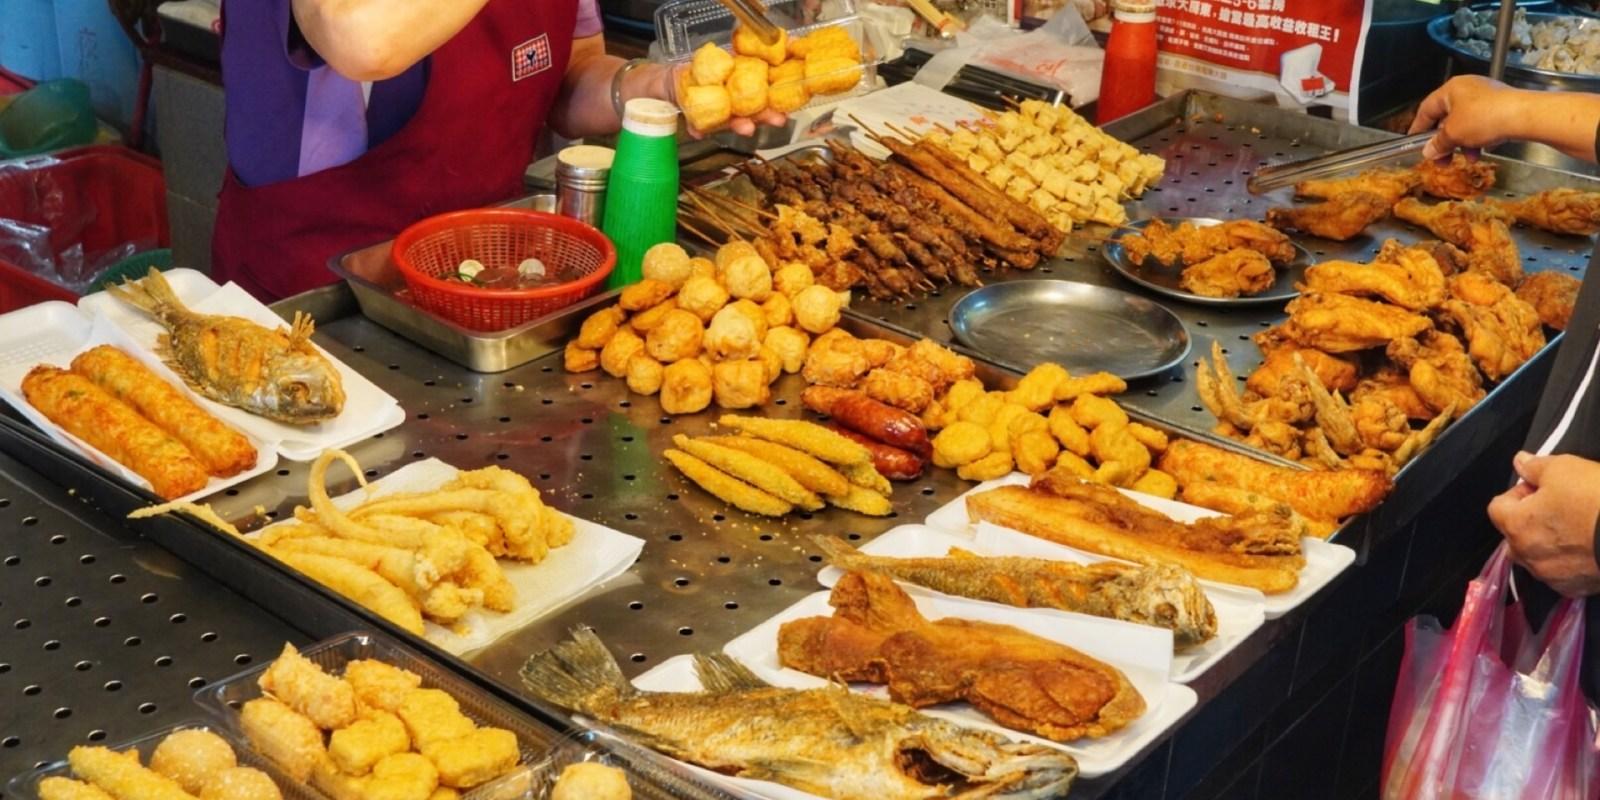 【台南美食】永康市場內無名炸雞 賣著各式炸物點心及三牲 是婆婆媽媽拜拜的好選擇|永康區美食|永康國小